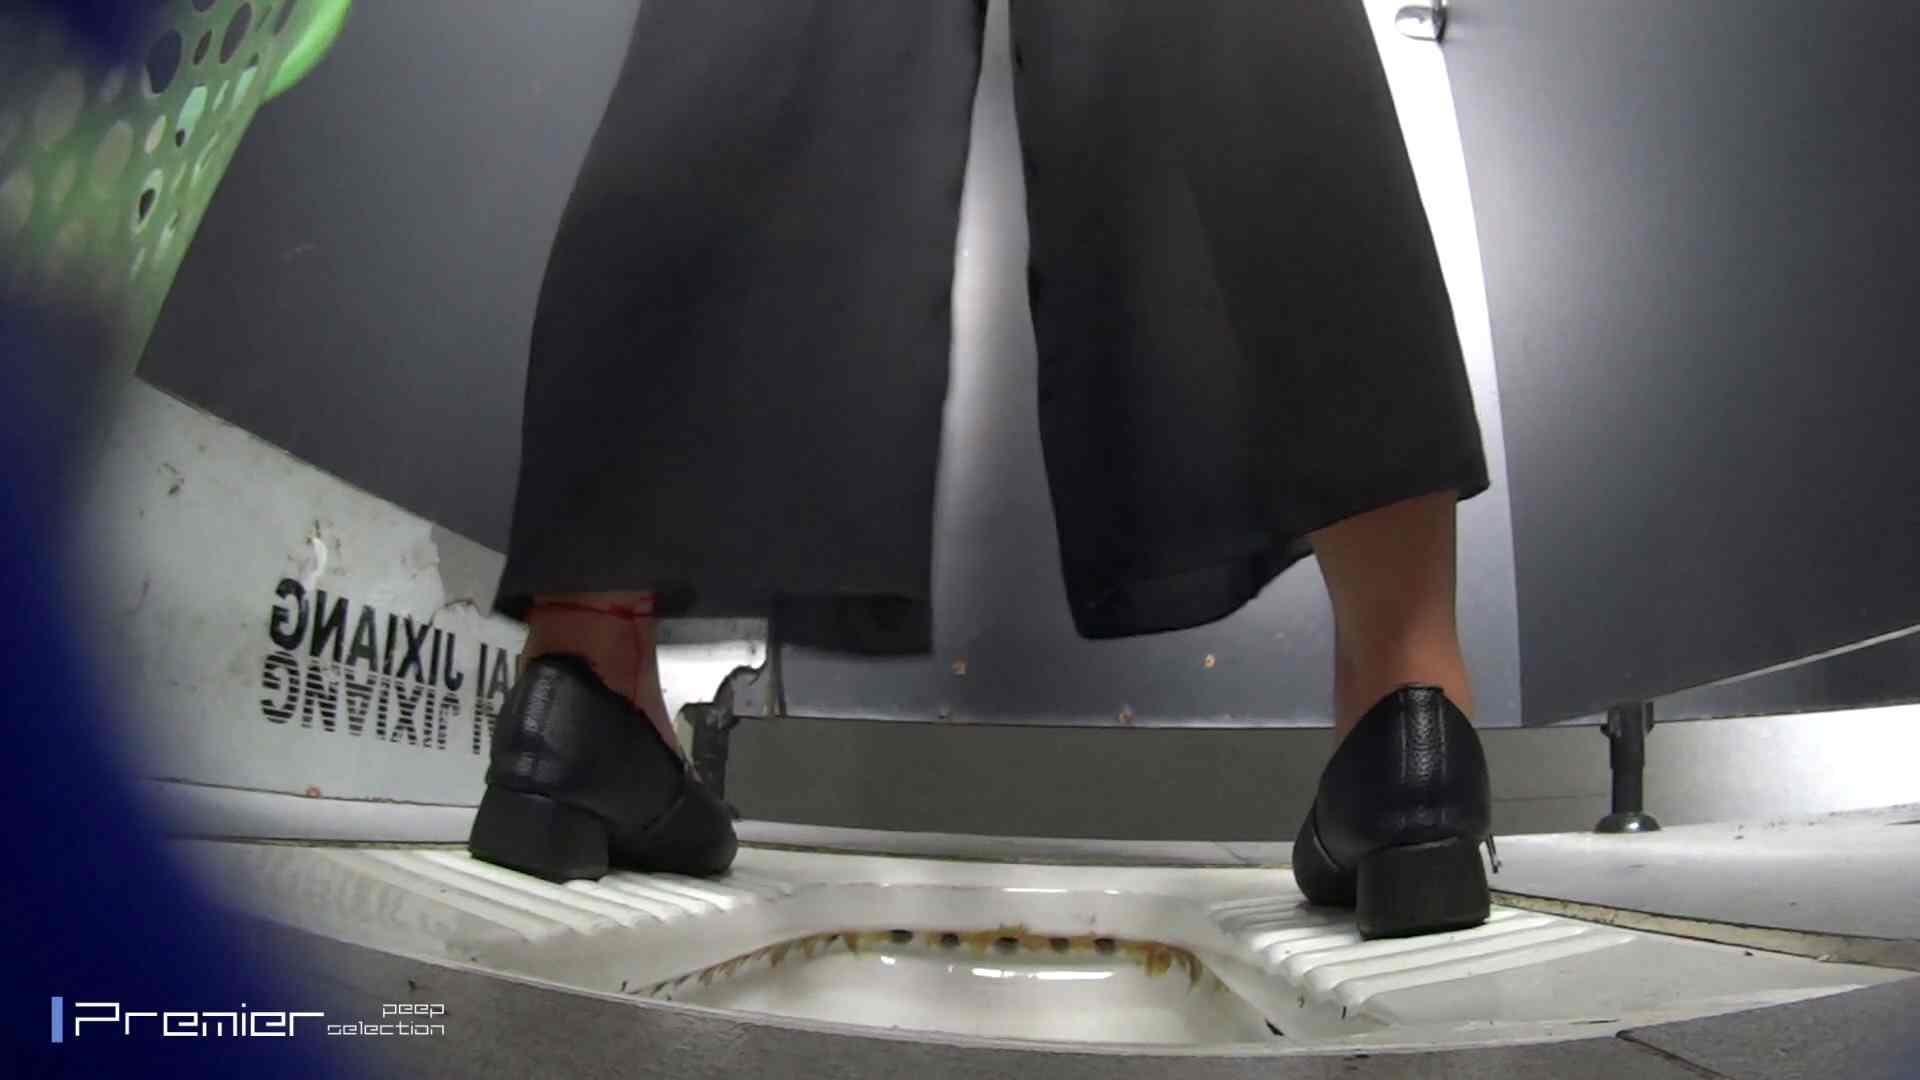 夏全開!ハーフパンツのギャル達 大学休憩時間の洗面所事情44 高画質 オメコ無修正動画無料 105画像 20